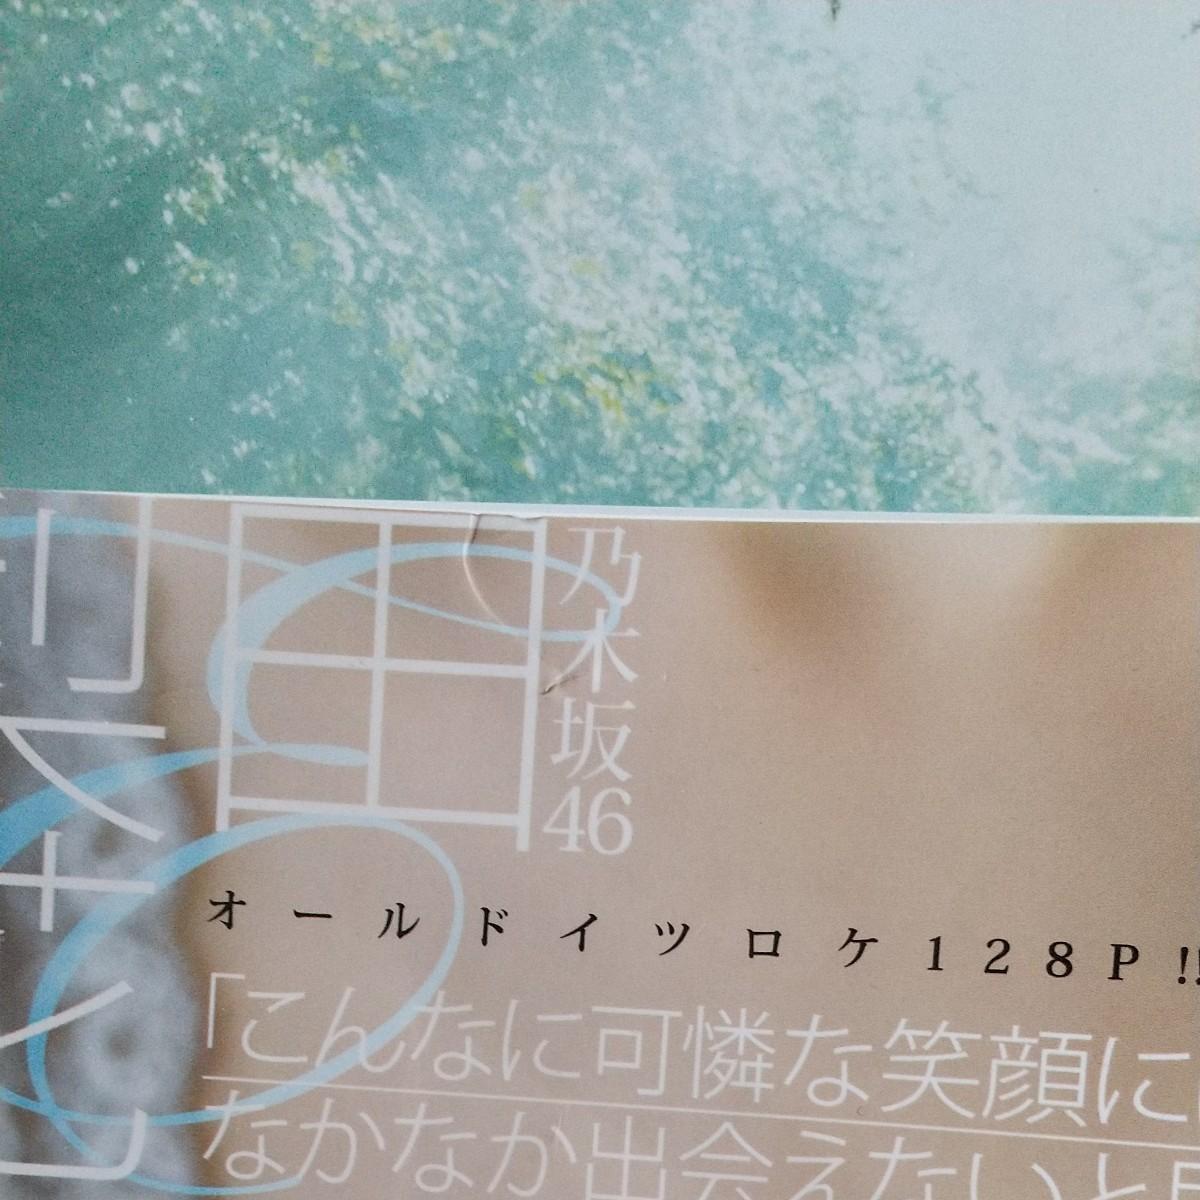 生田絵梨花写真集 乃木坂46